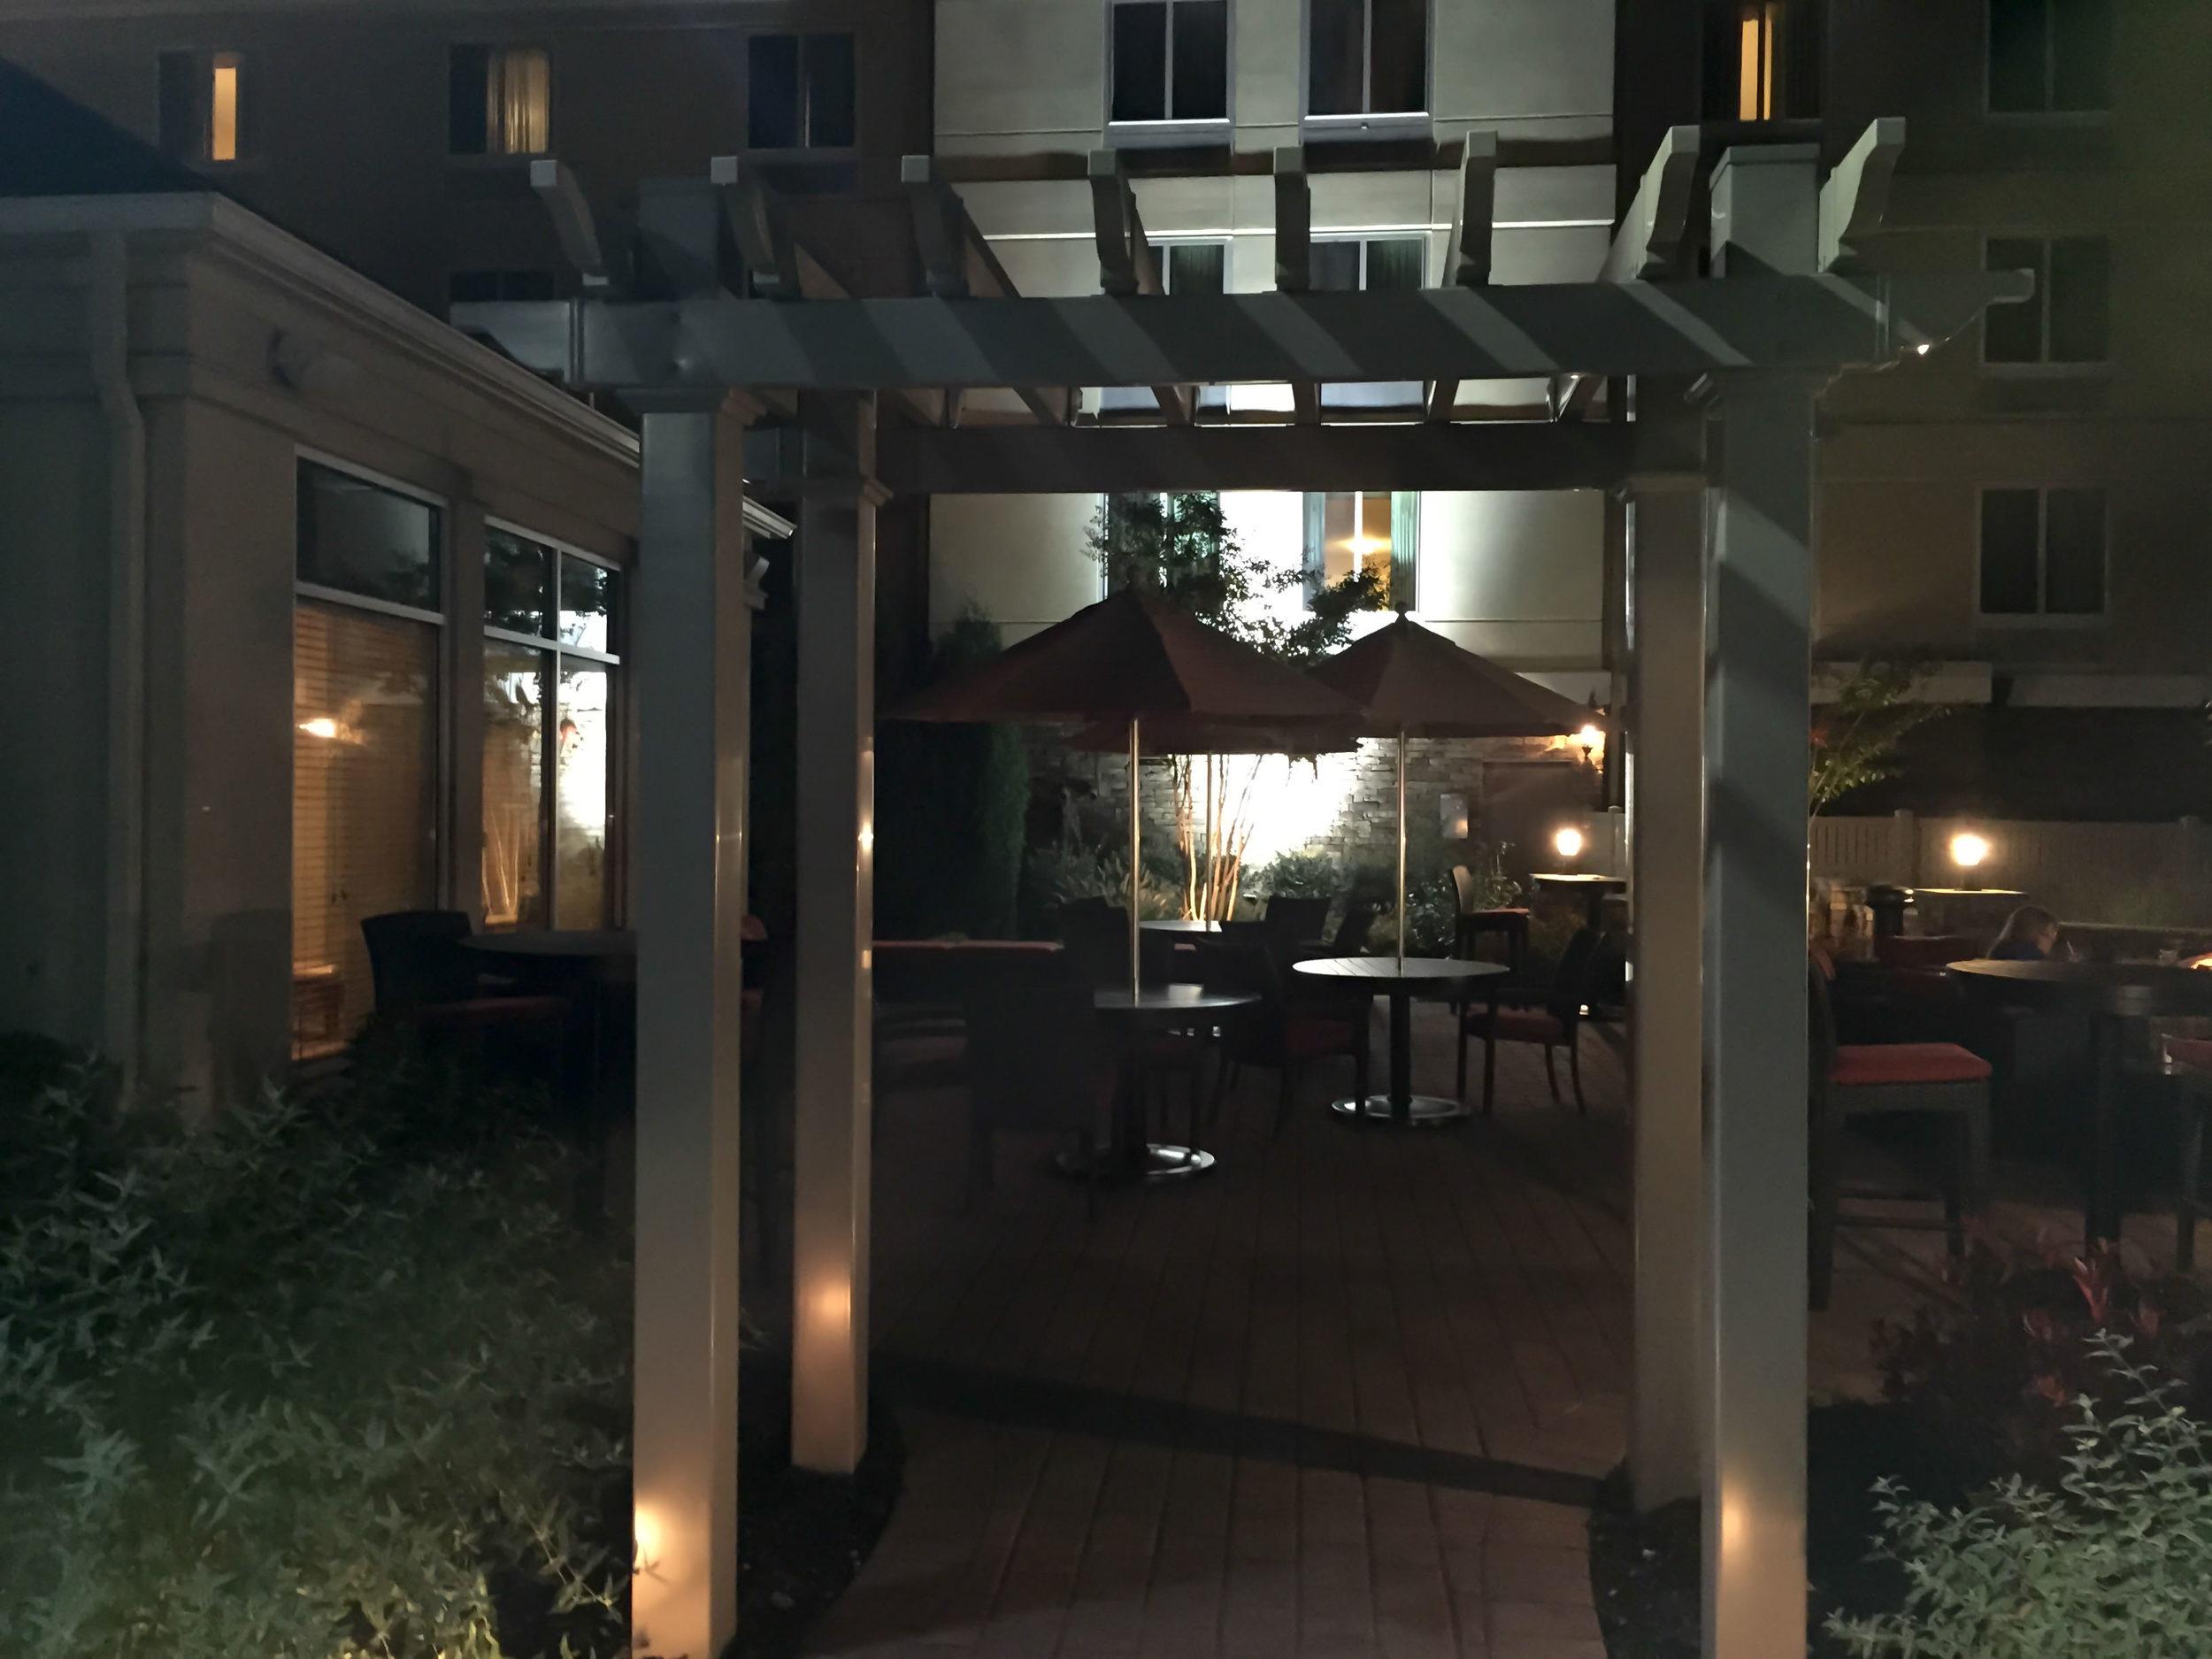 ComPower LED Retro fitting Hilton Garden Inn9.10.jpg